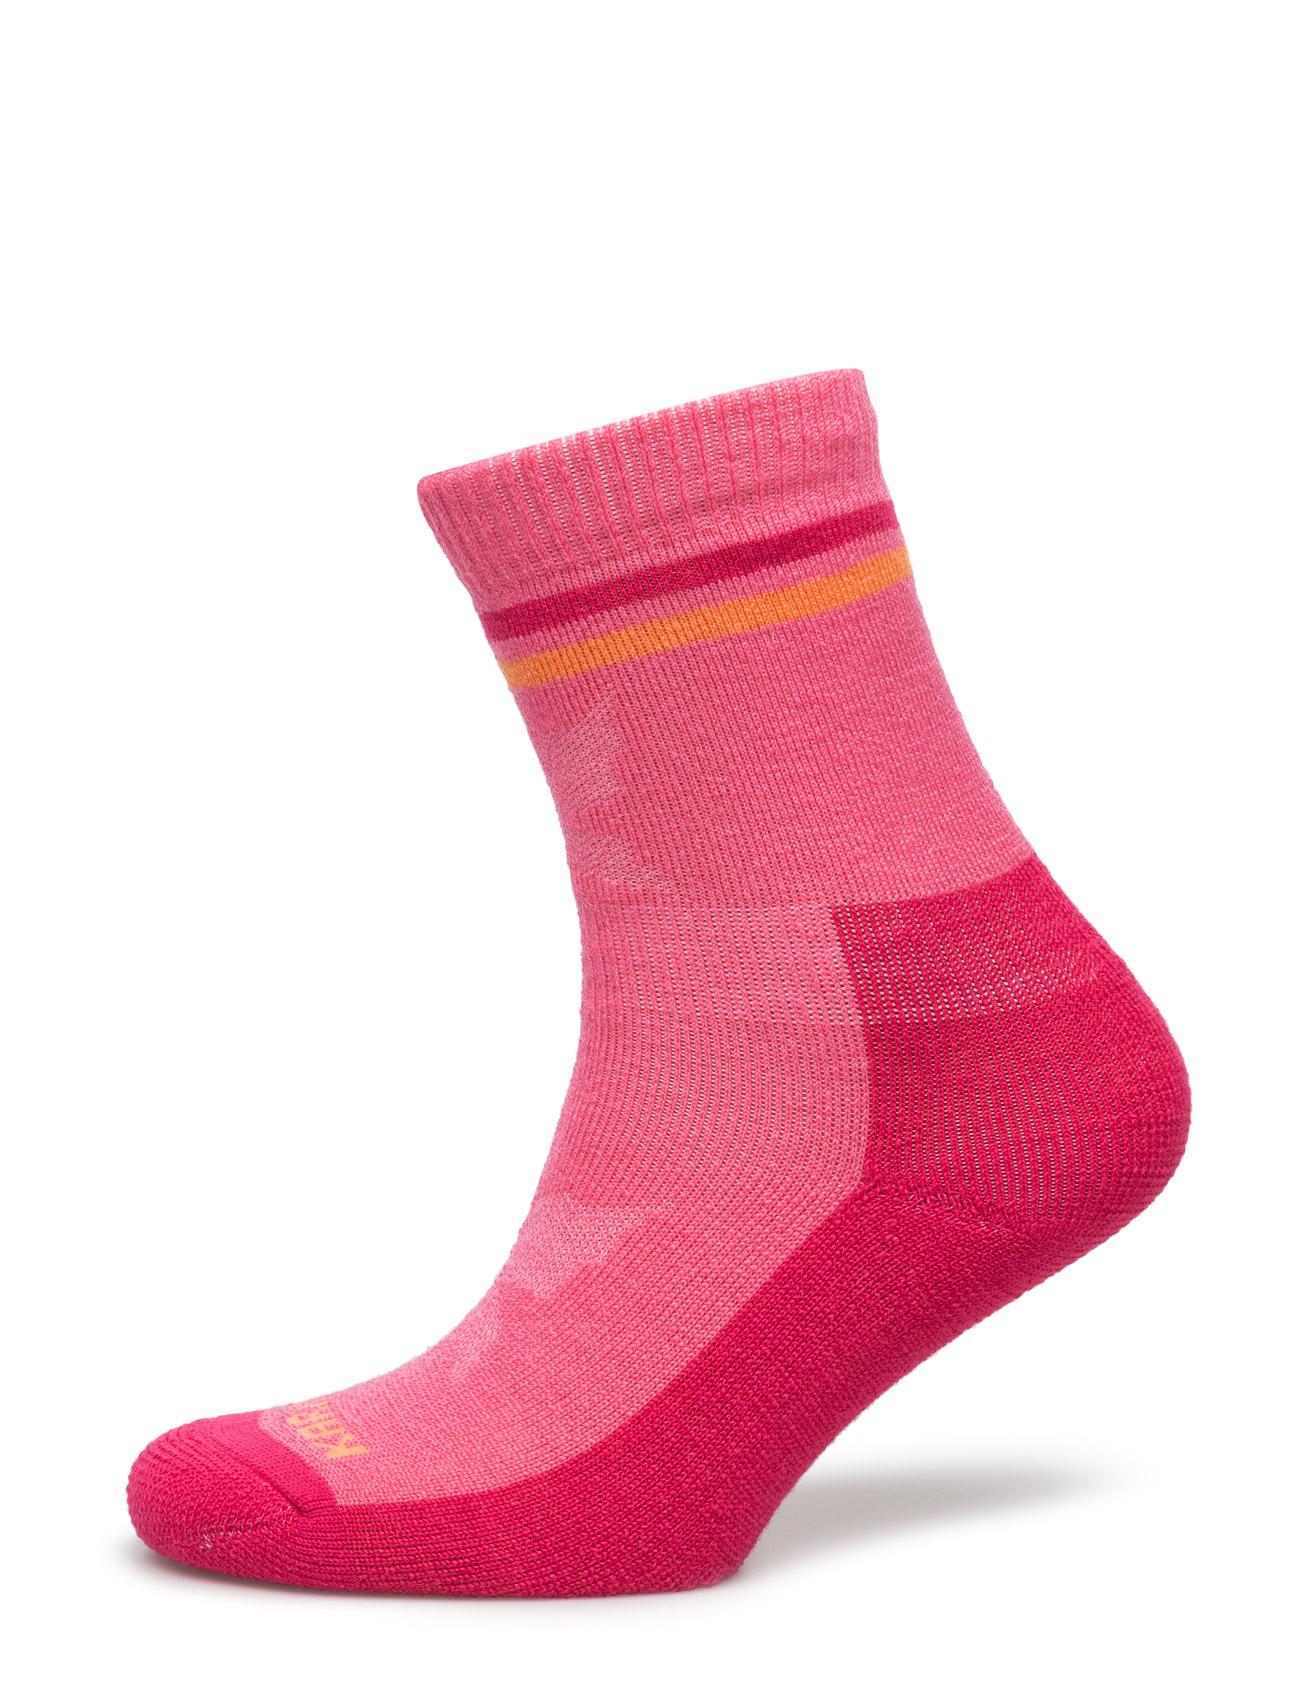 A Wool Sock Kari Traa Sports undertøj til Kvinder i Rose